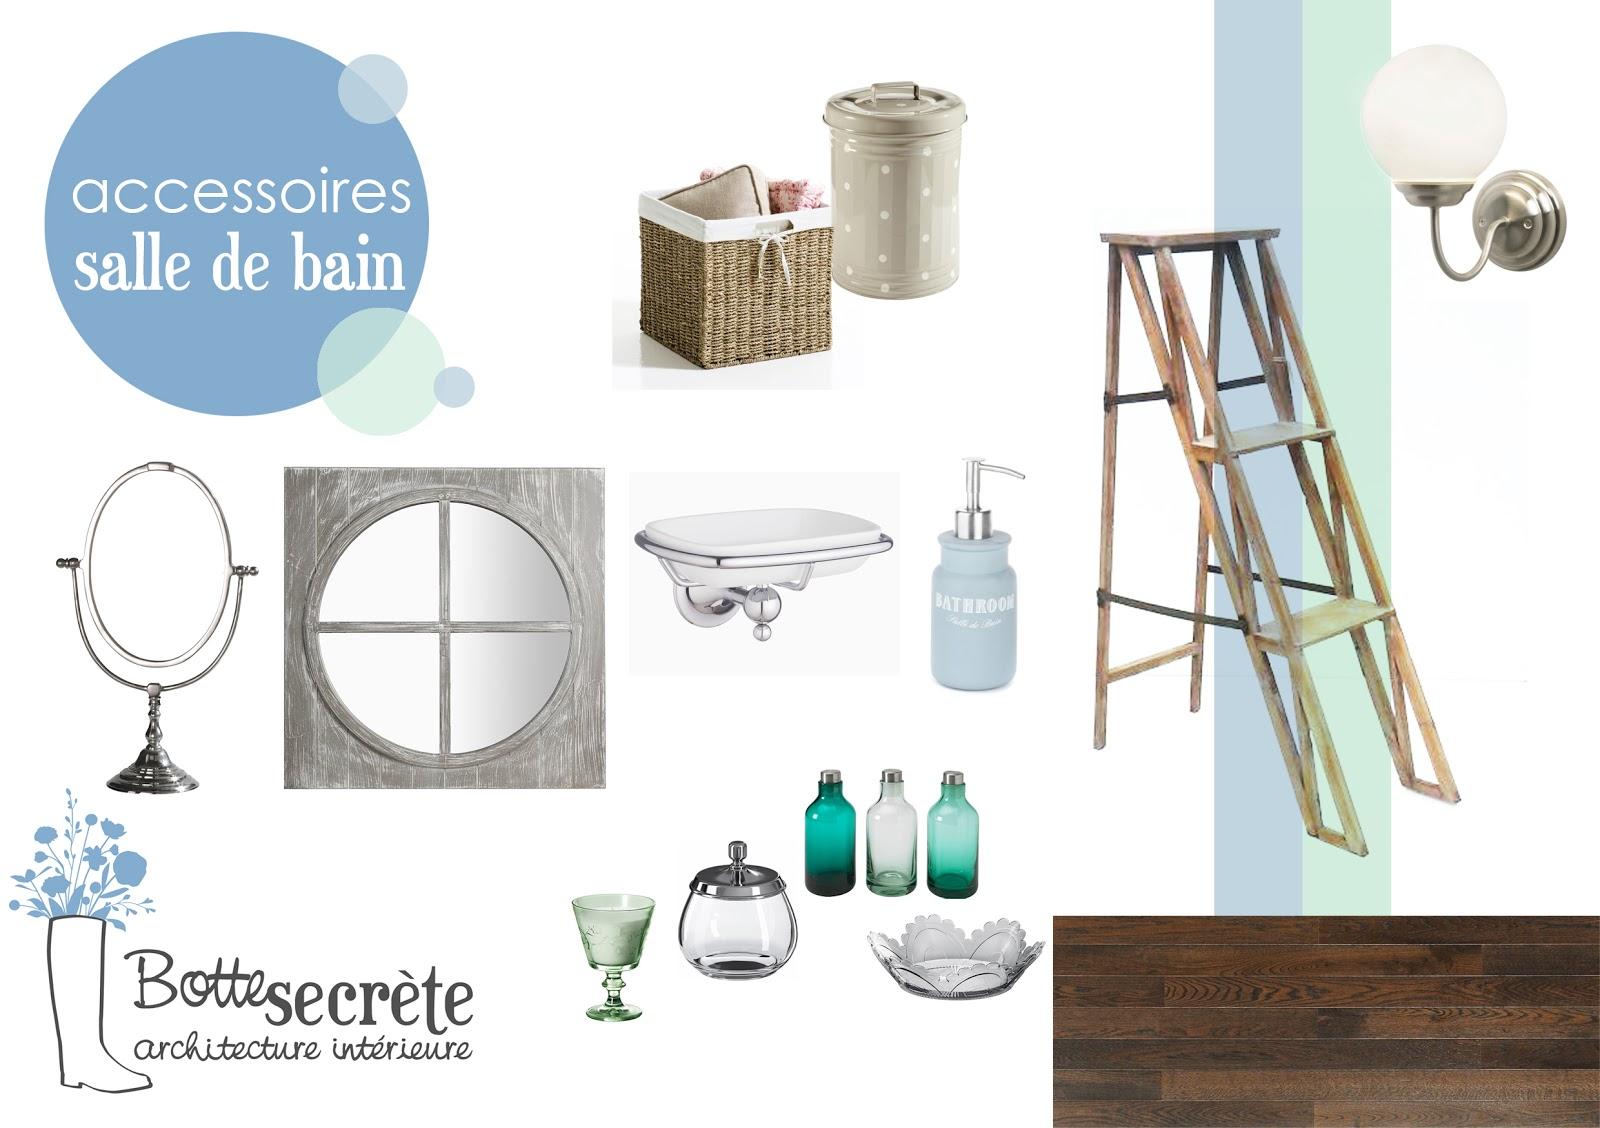 La botte secr te salle de bain - Salle de bain maison du monde ...